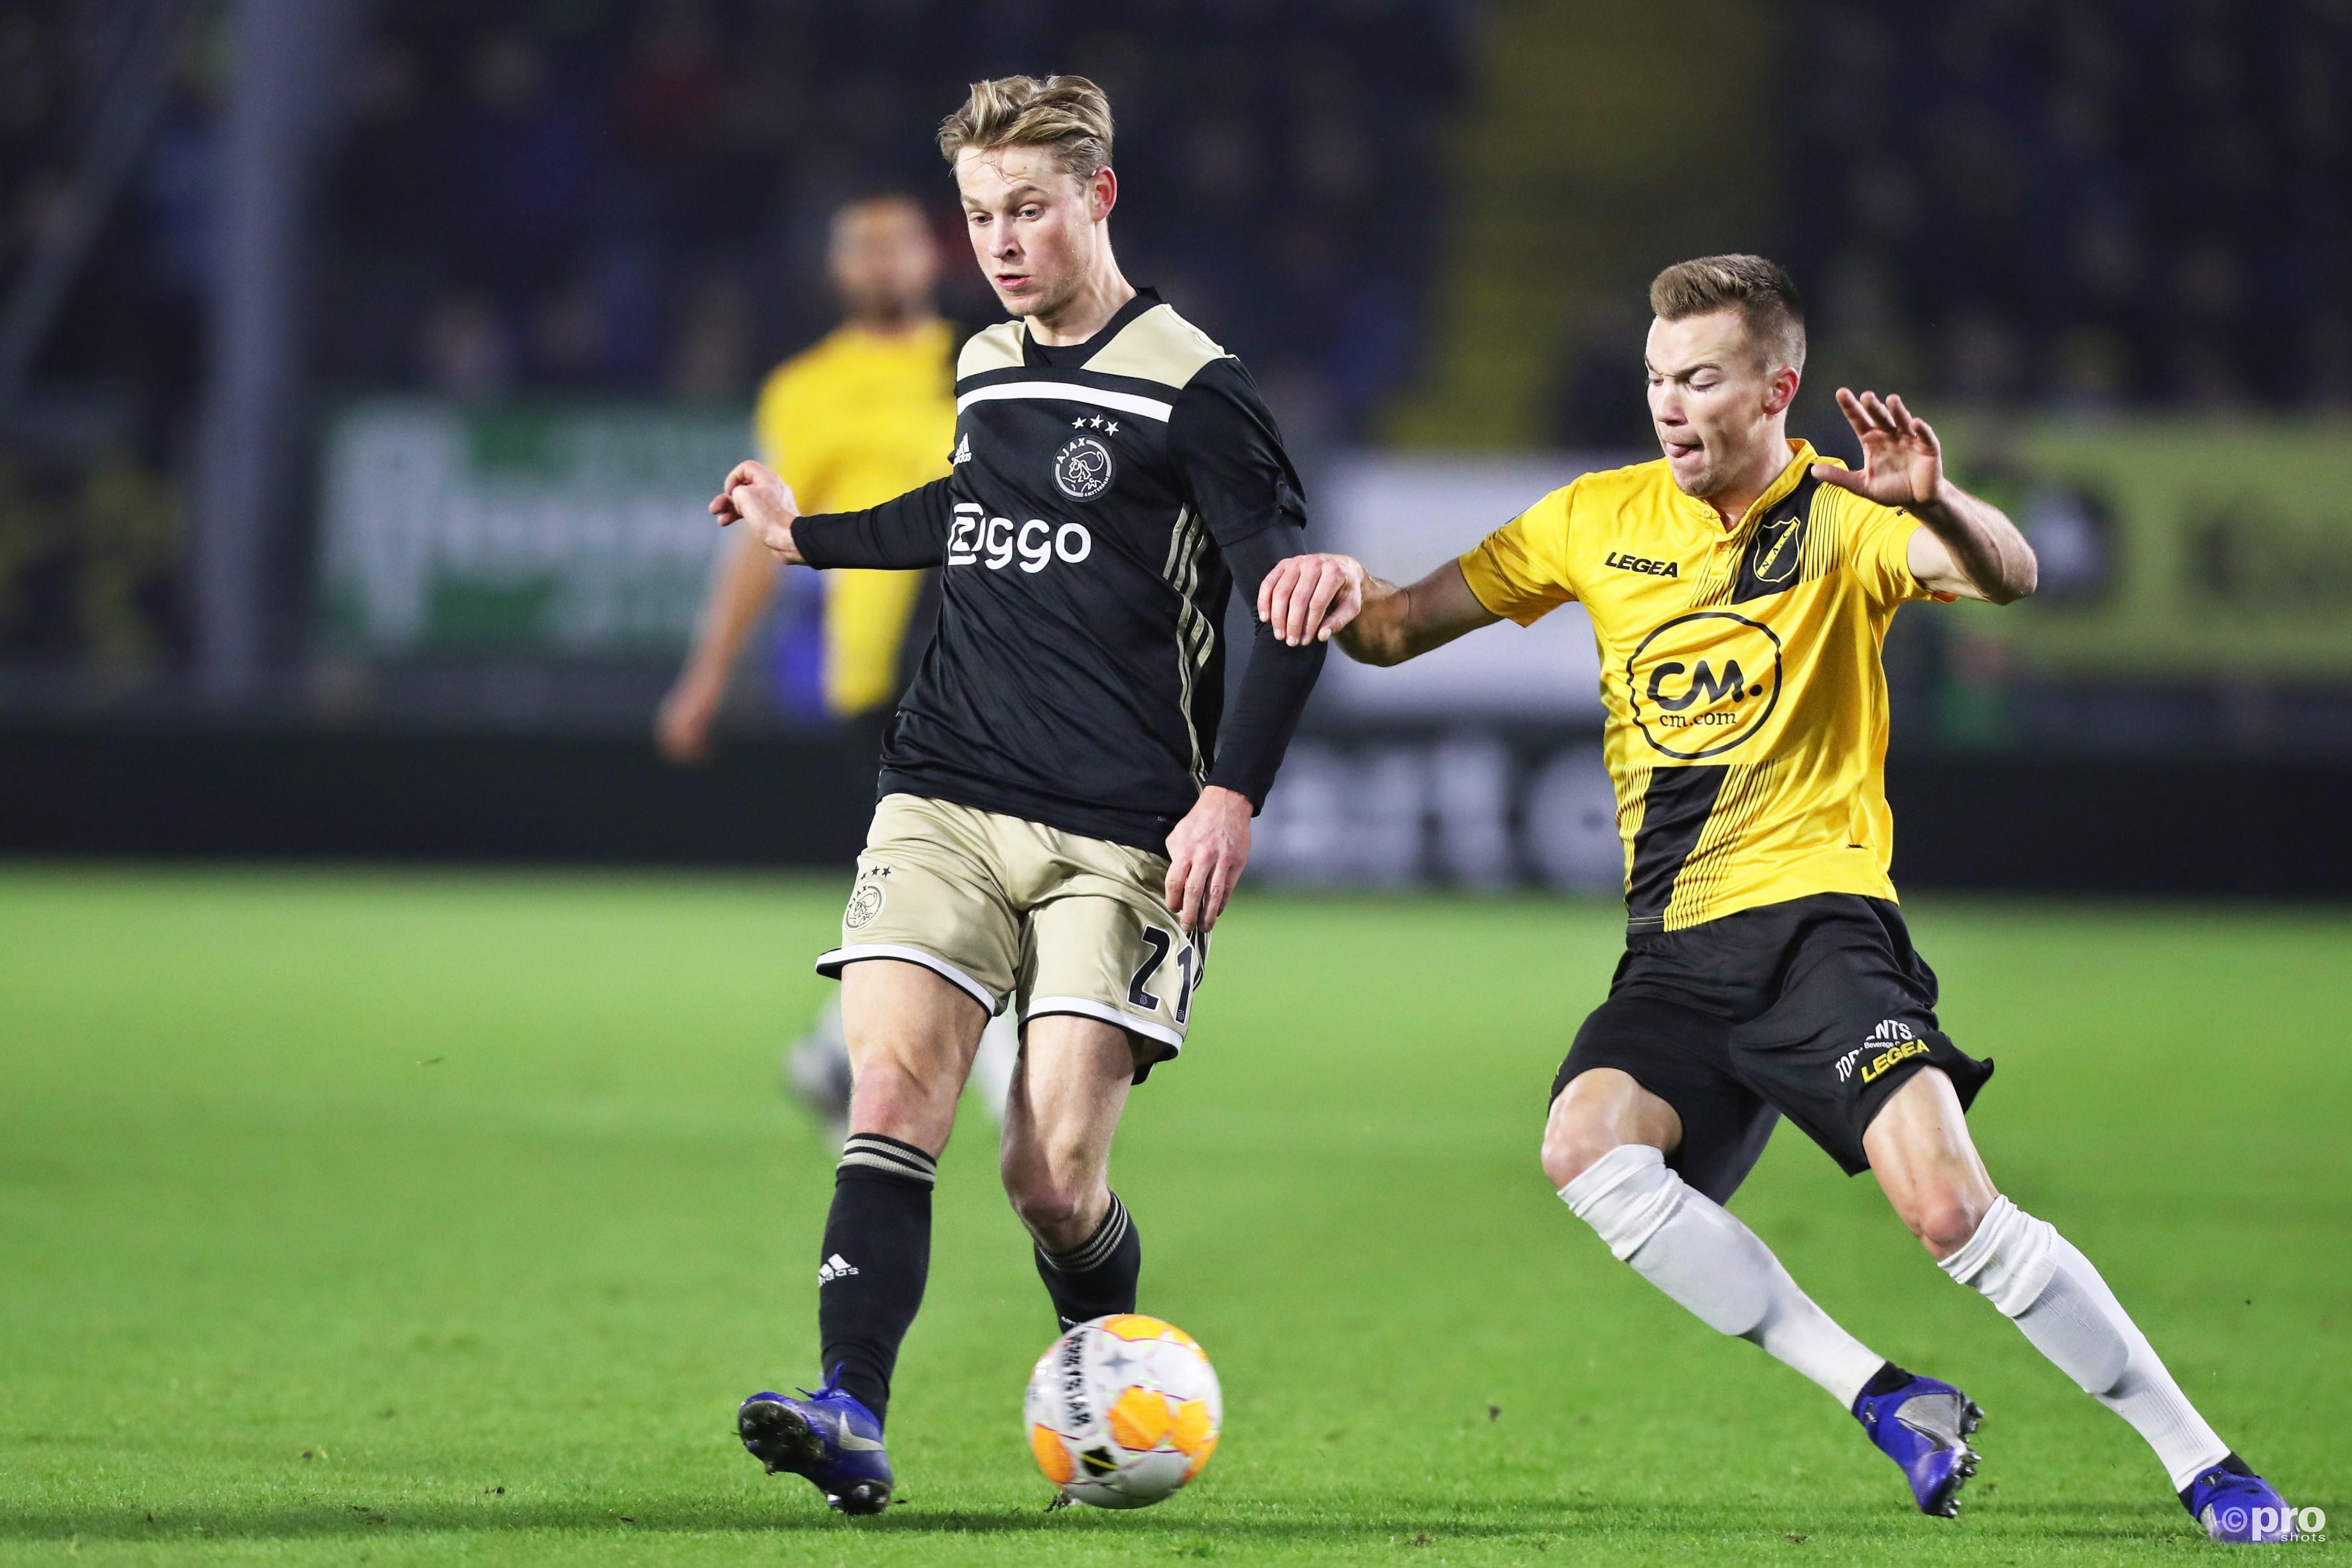 Frenkie de Jong (L) in duel met Arno Verschueren (R). (PRO SHOTS/Kay Int Veen)